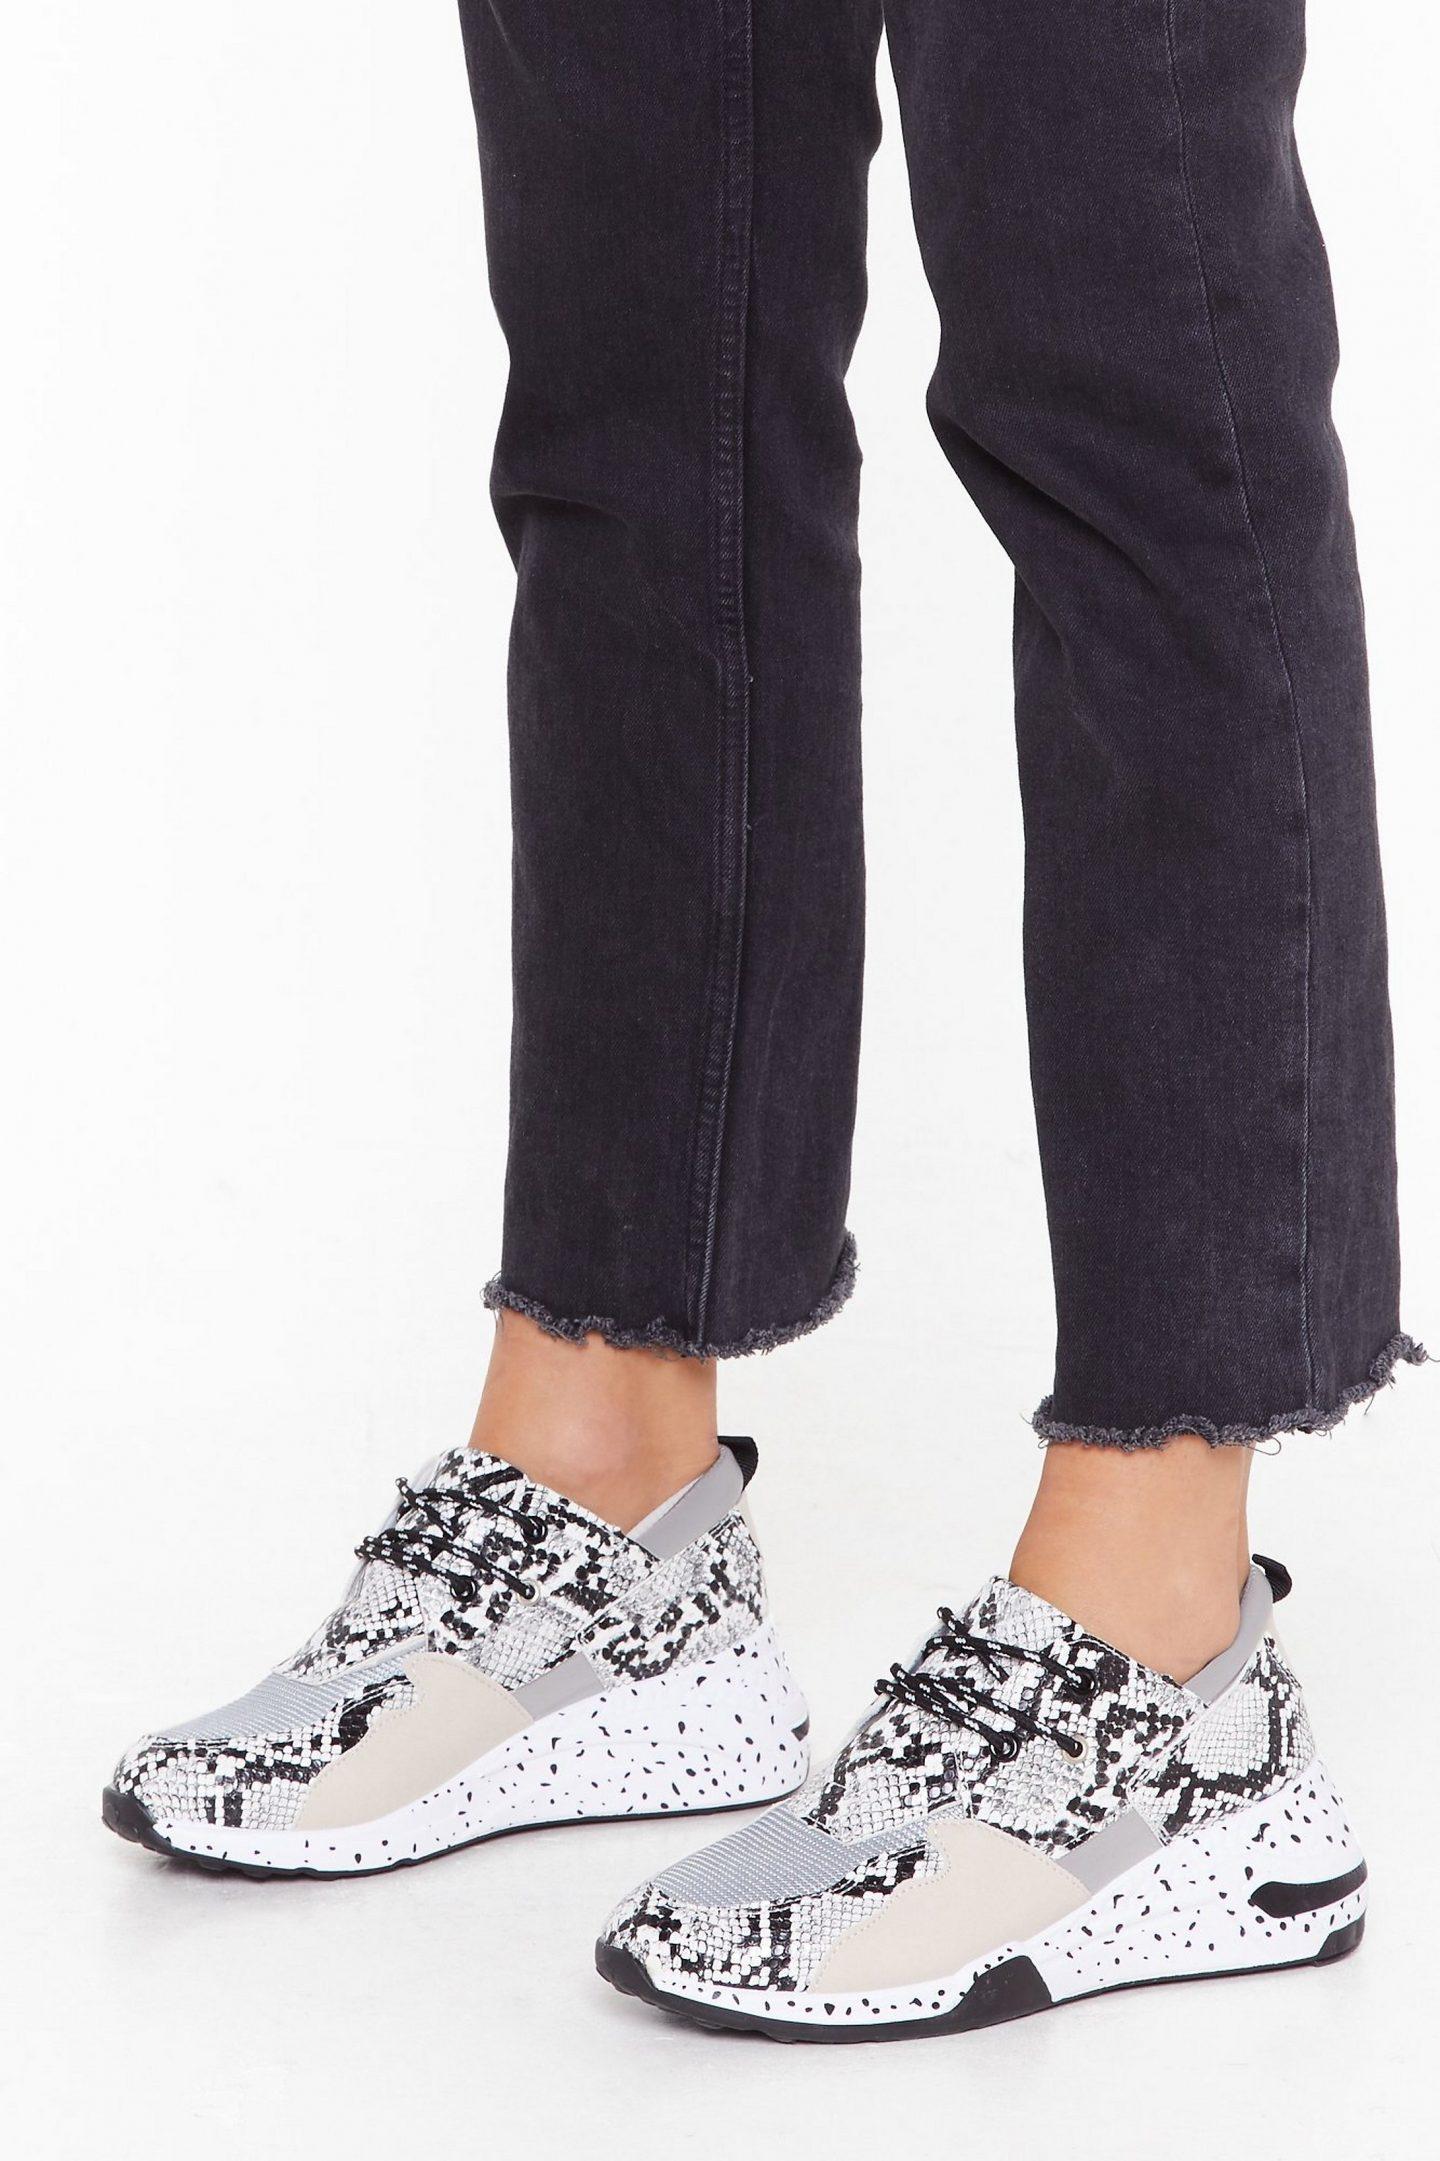 nasty gal sneakers נסטי גל סניקרס